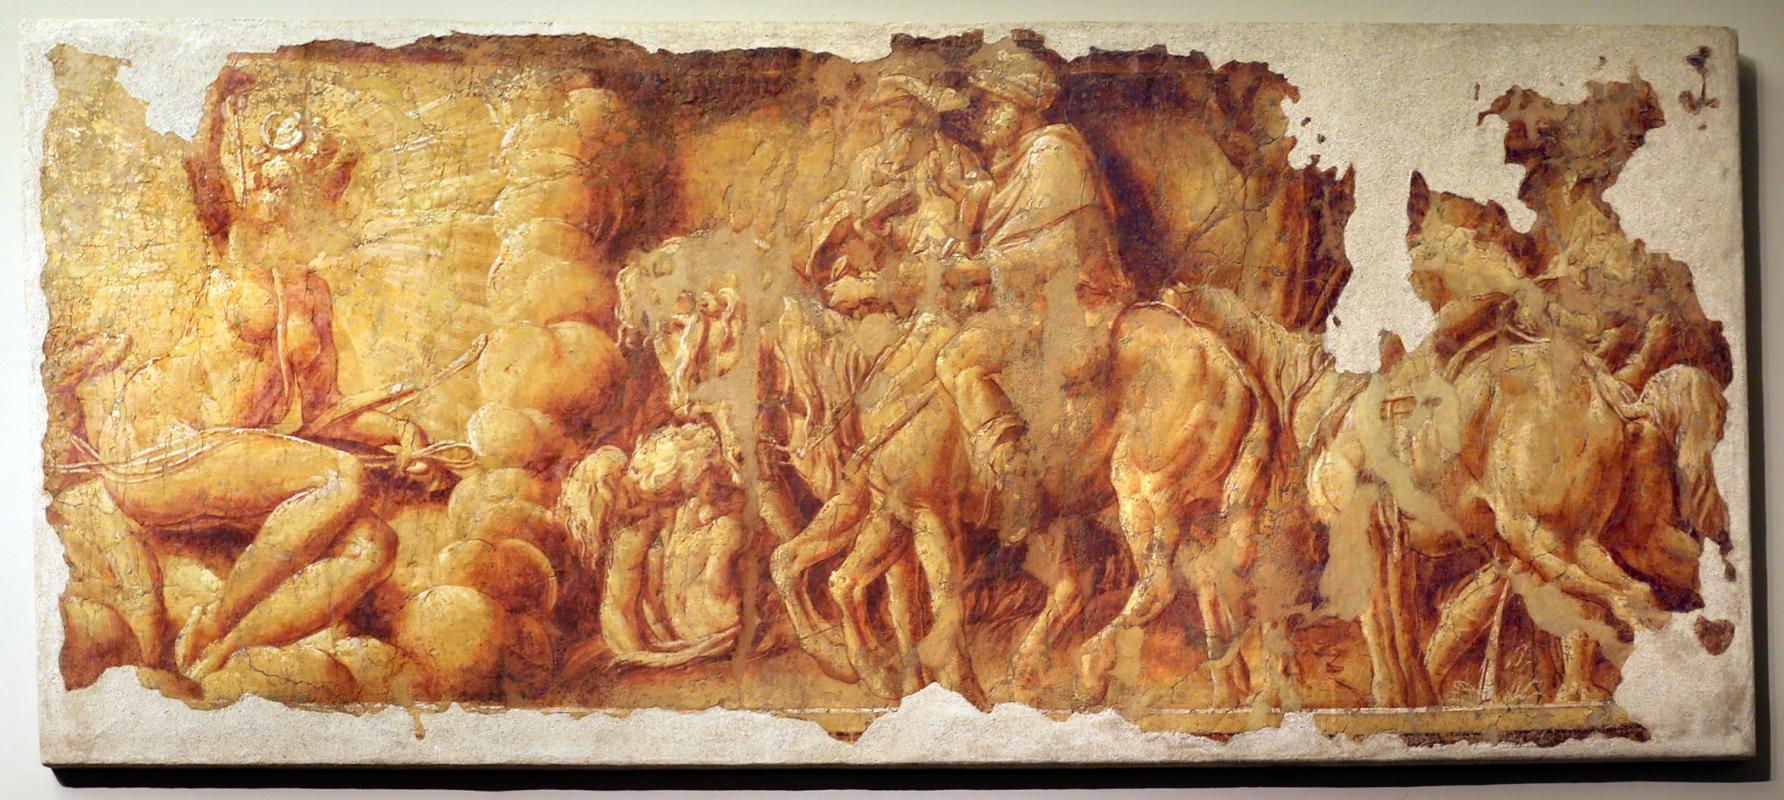 Leolio orsi, frammenti di affreschi dalla rocca di novellara, 1546 ca., omaggio a diana - Sailko - Modena (MO)